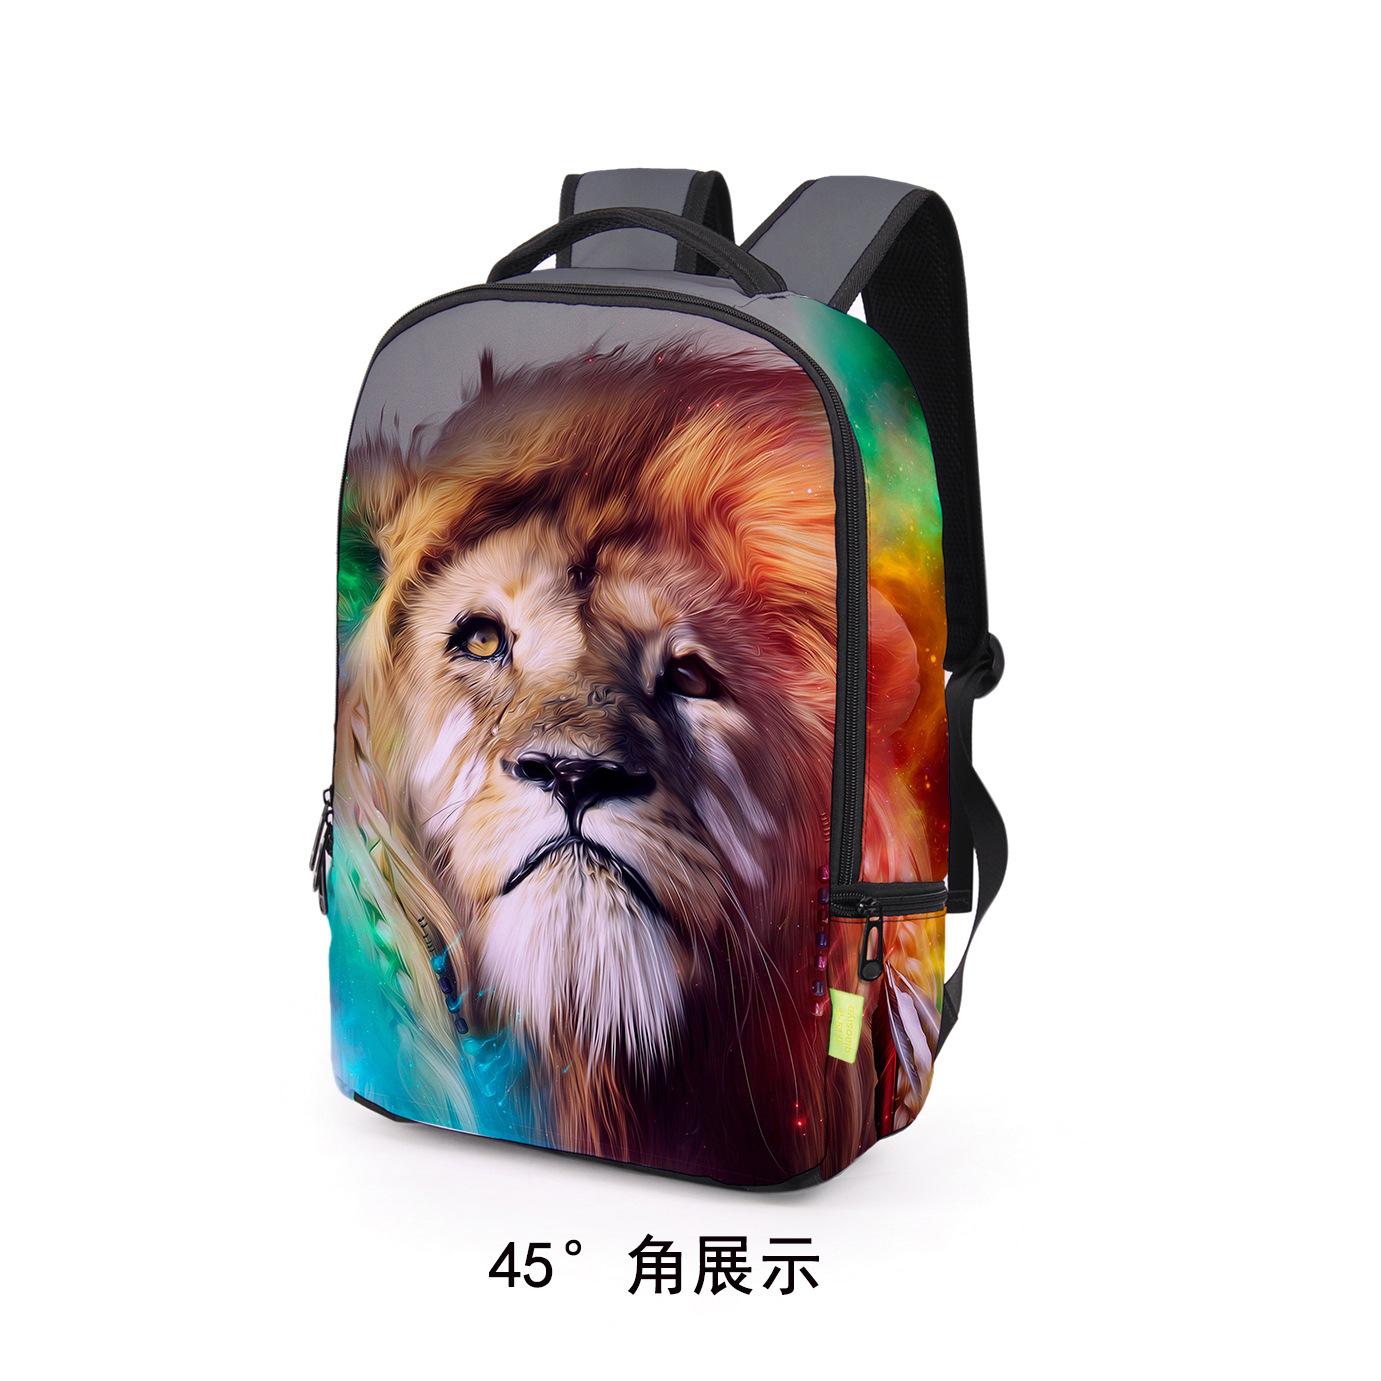 2017新款双肩包男欧美3D狮子头户外潮酷旅行运动双背包动物包包